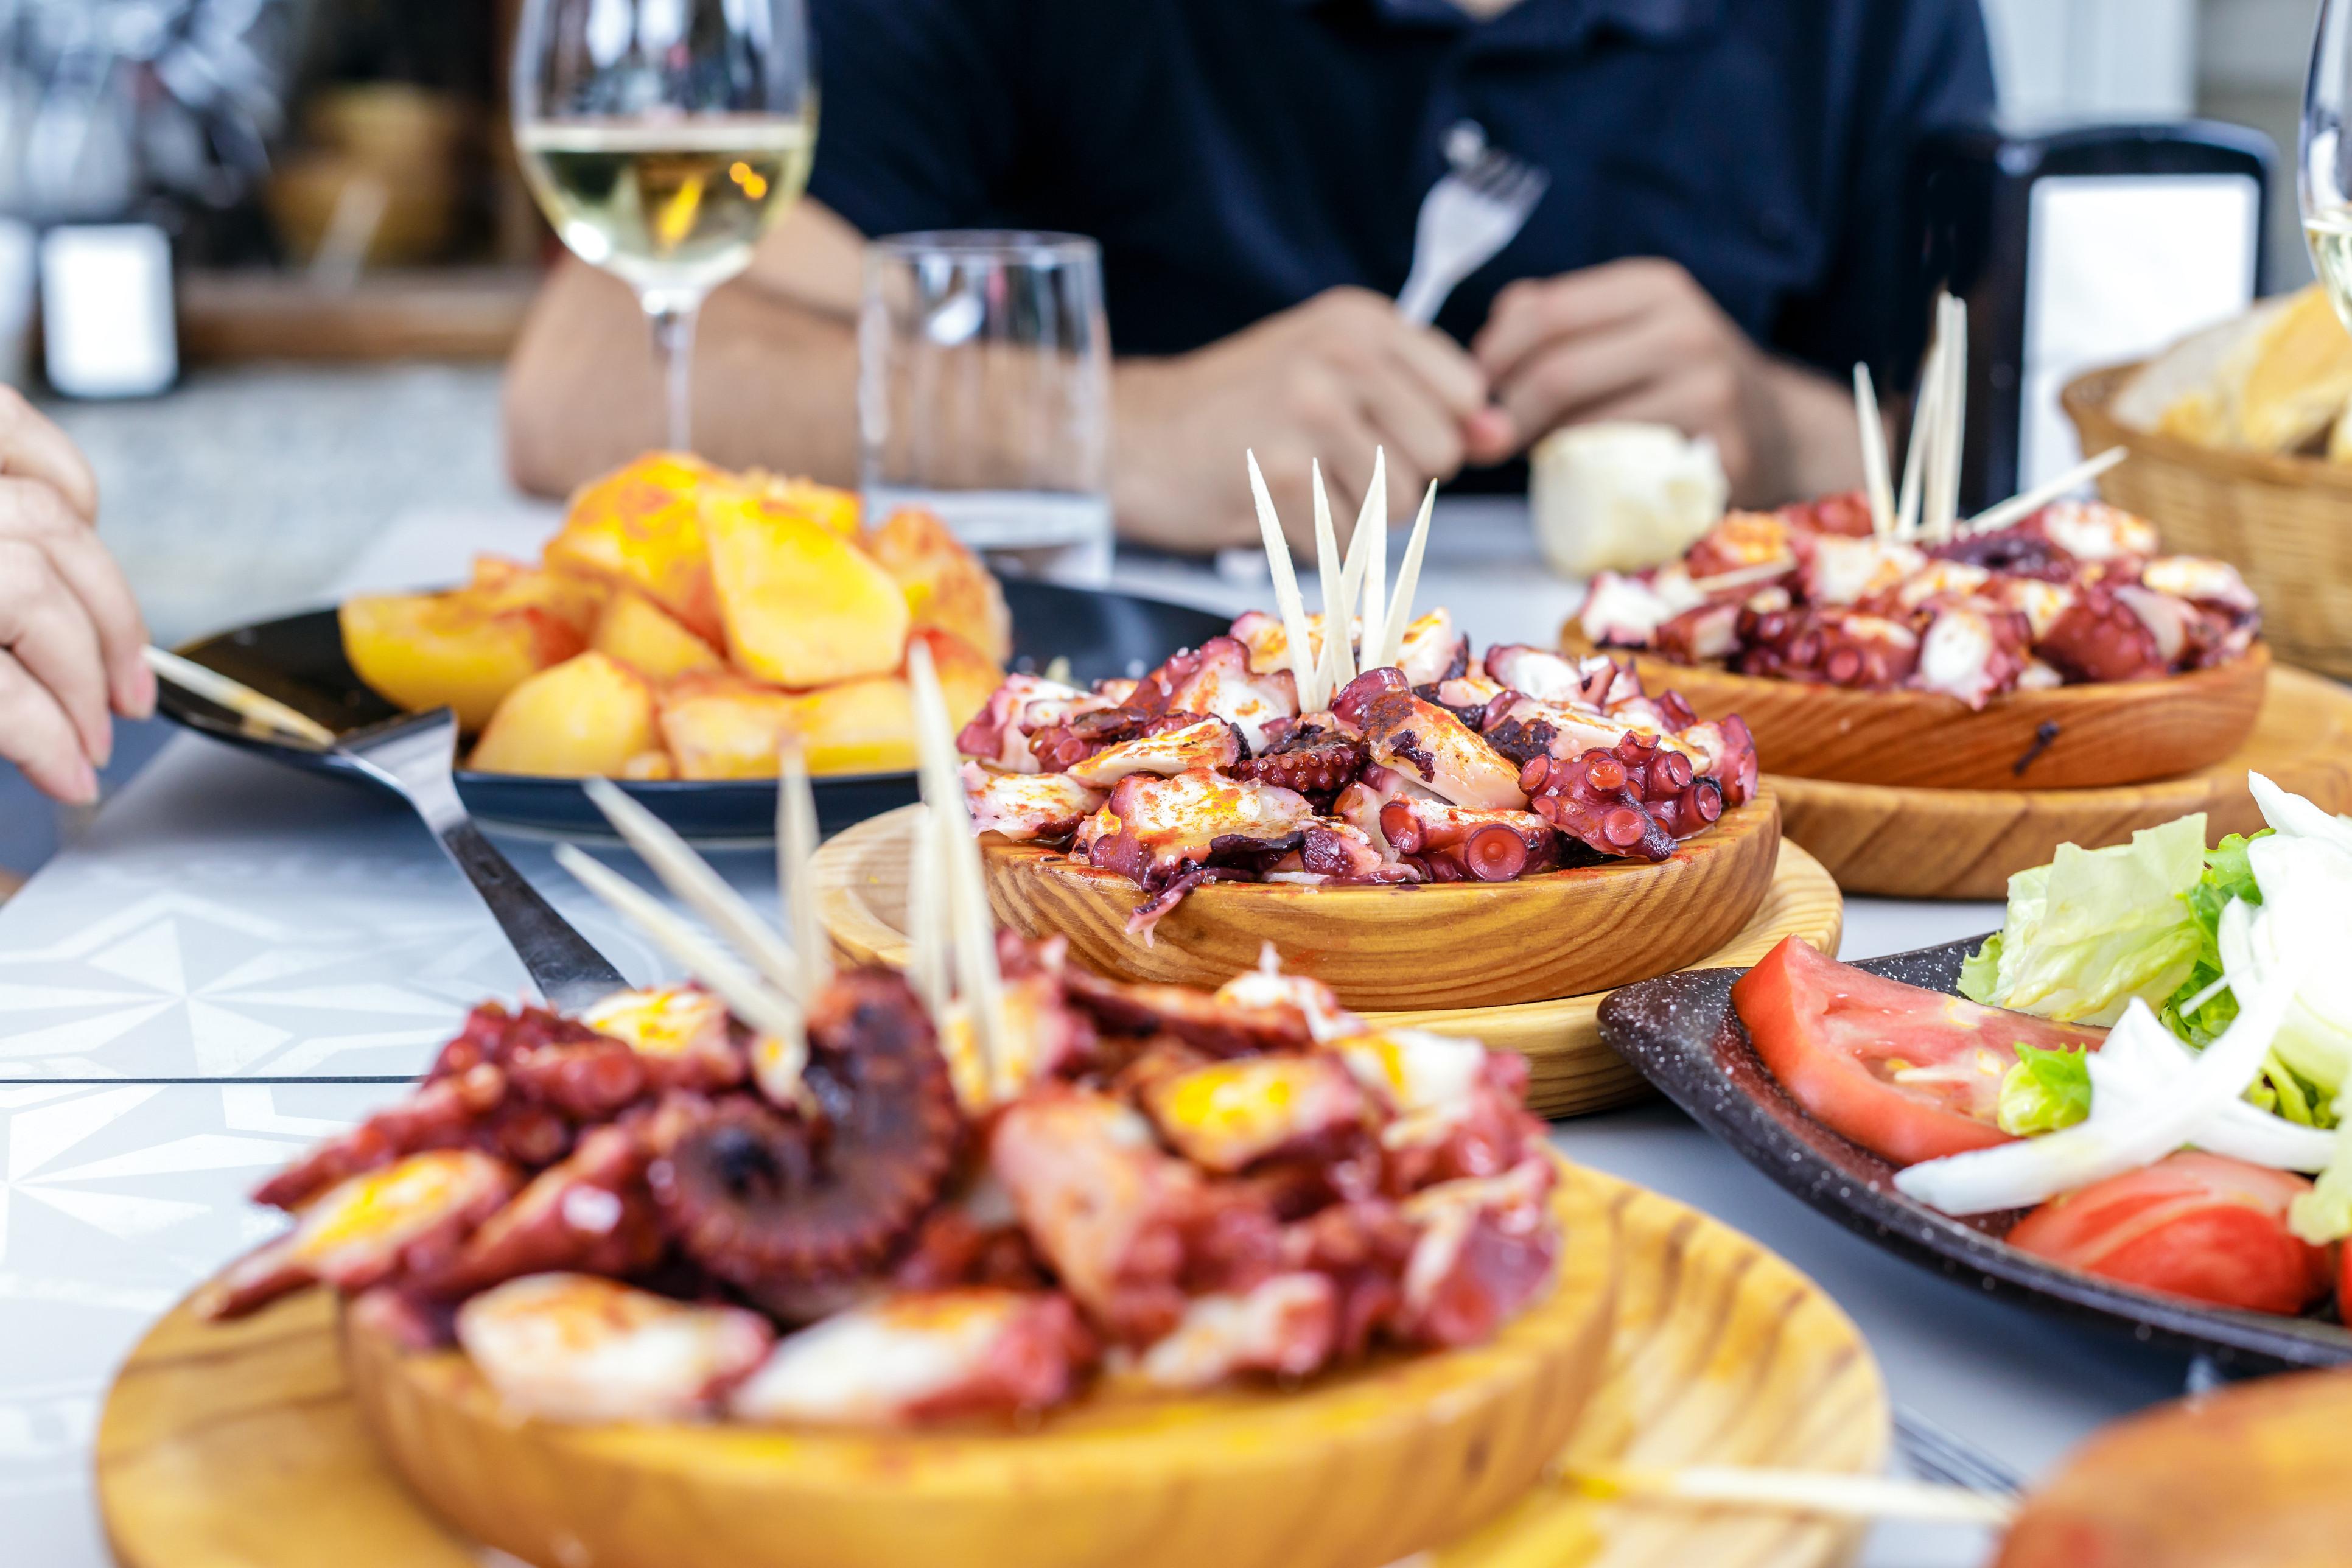 O Peixe está de regresso a Lisboa com sabores nacionais e internacionais